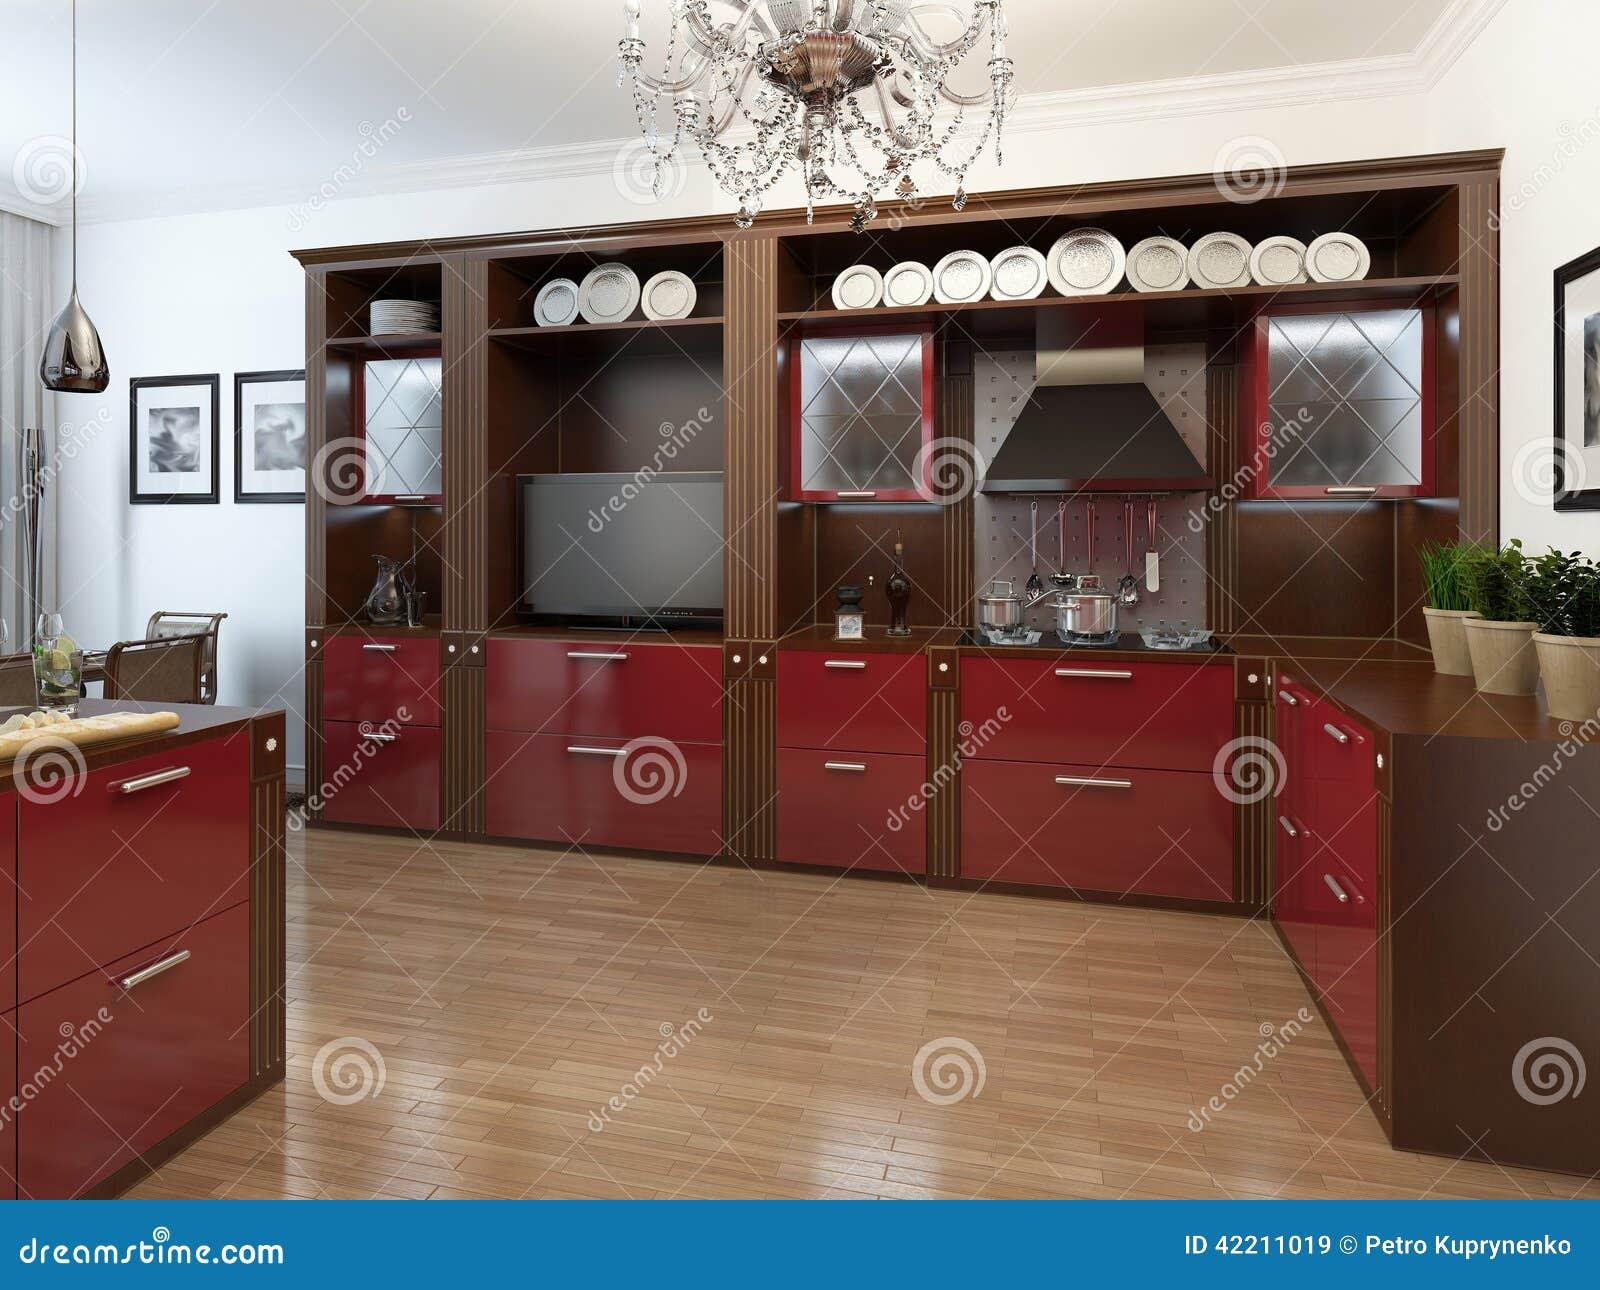 Kuchnia W Art Deco Stylu Ilustracji Ilustracja Złożonej Z